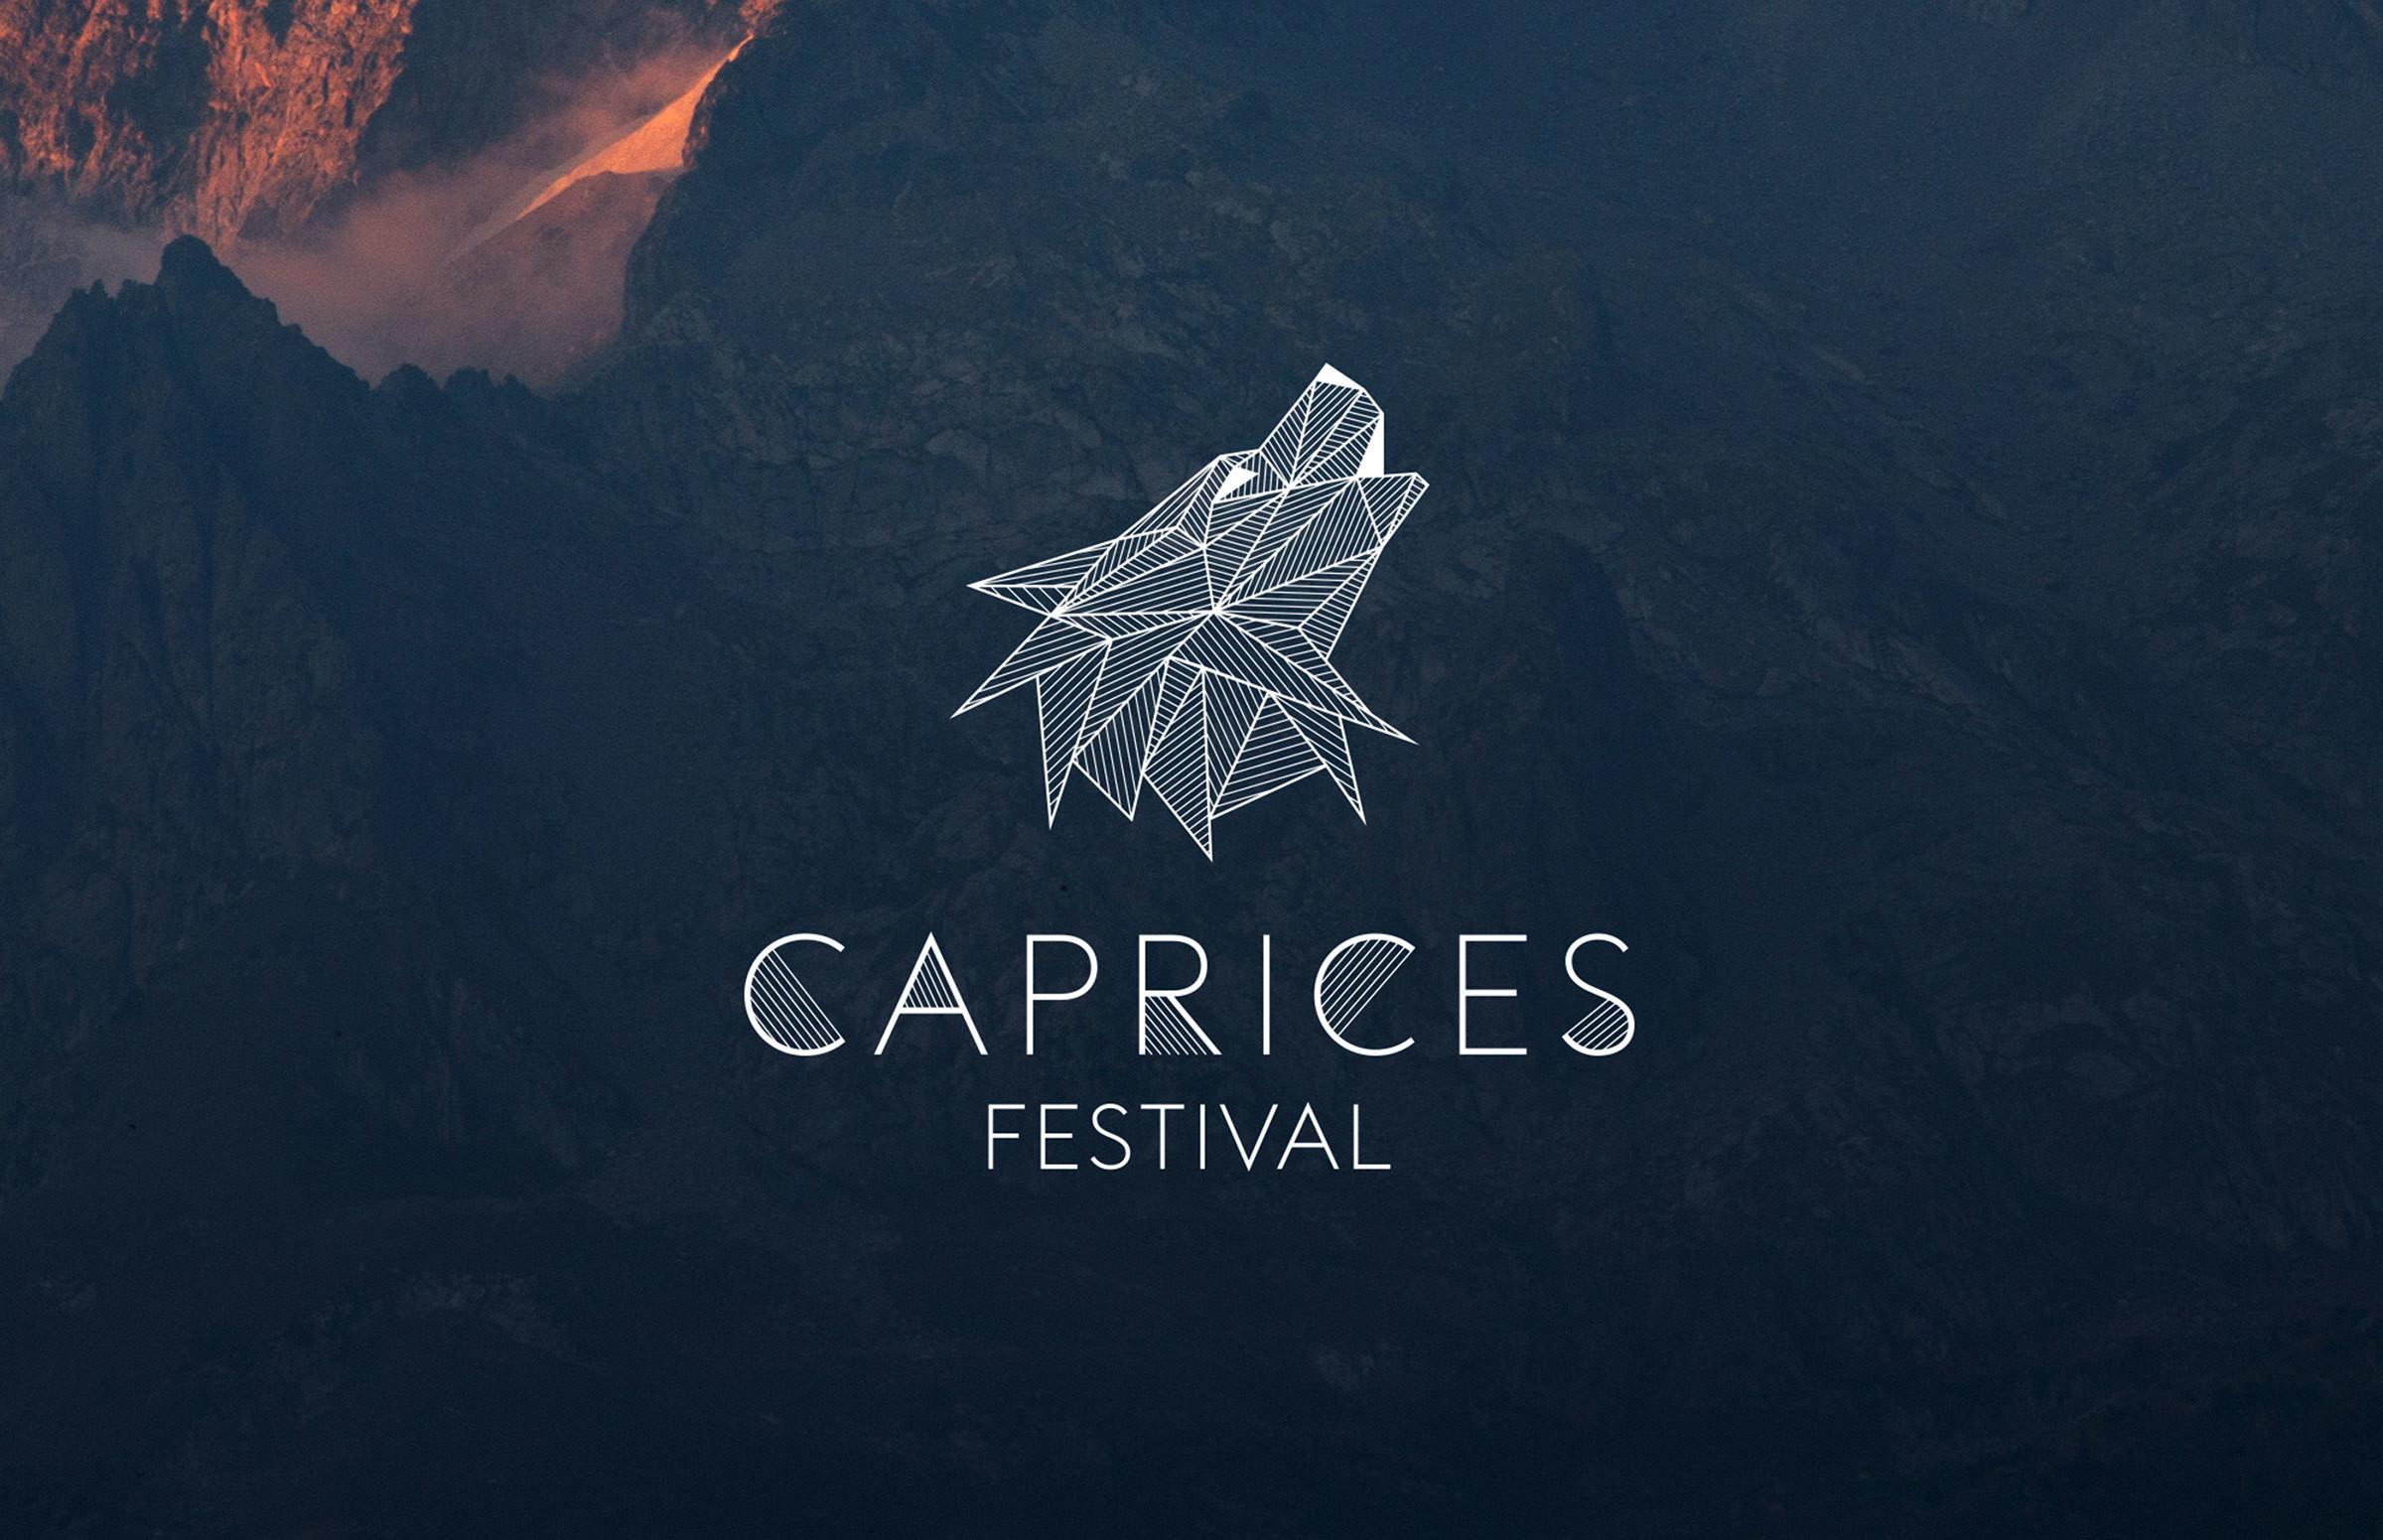 Caprices_01.jpg